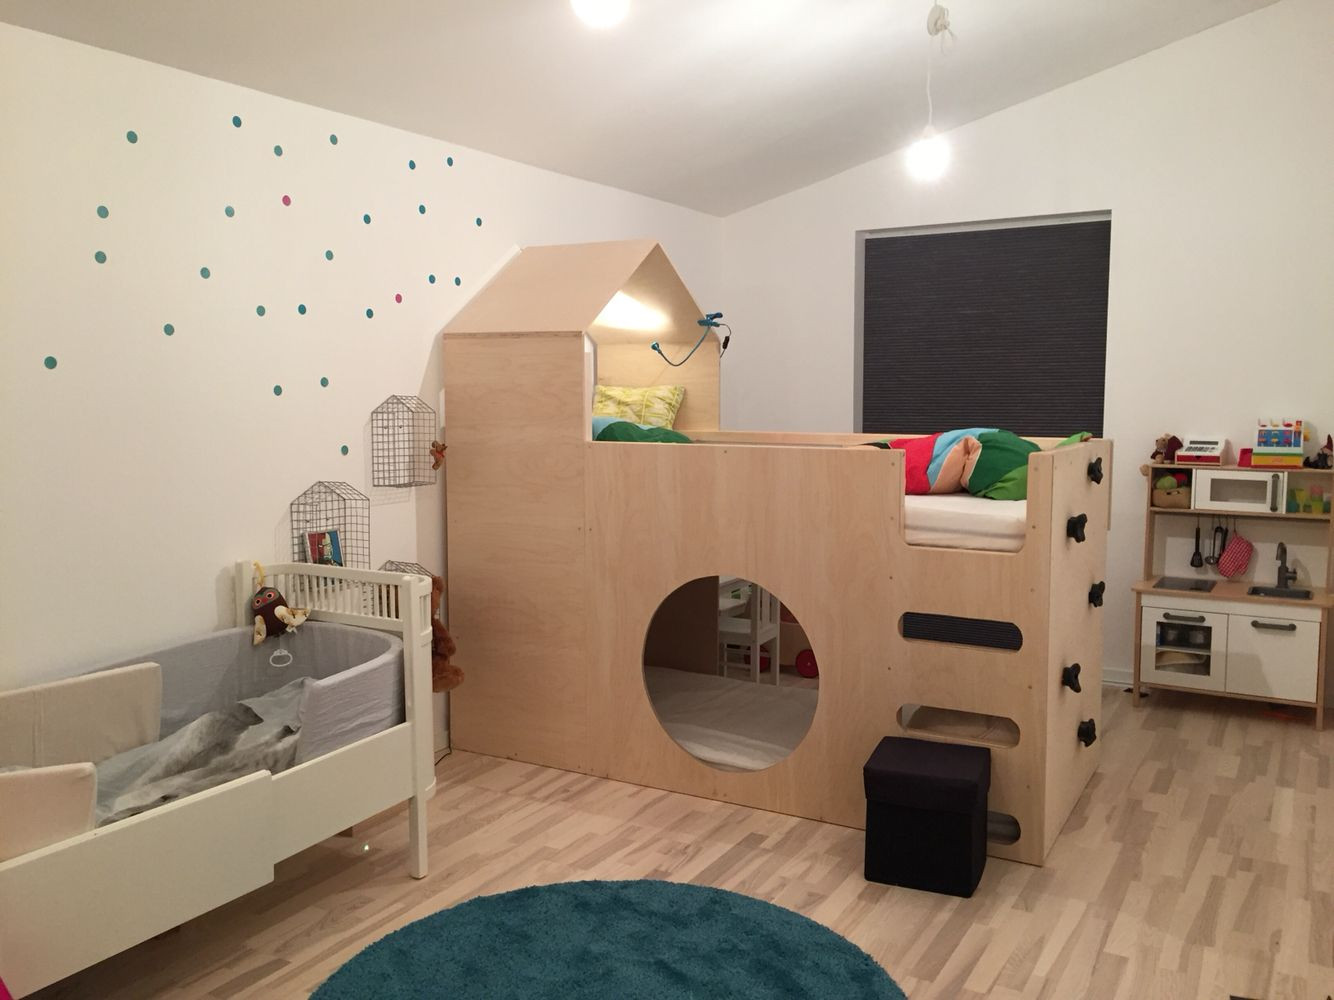 Full Size of Ikea Kura Hausbett Reversible Bed Kinderspielturm Garten Konzentrationsschwäche Bei Schulkindern Küche Kosten Kinderschaukel Miniküche Kinderzimmer Regal Wohnzimmer Hausbett Kinder Ikea